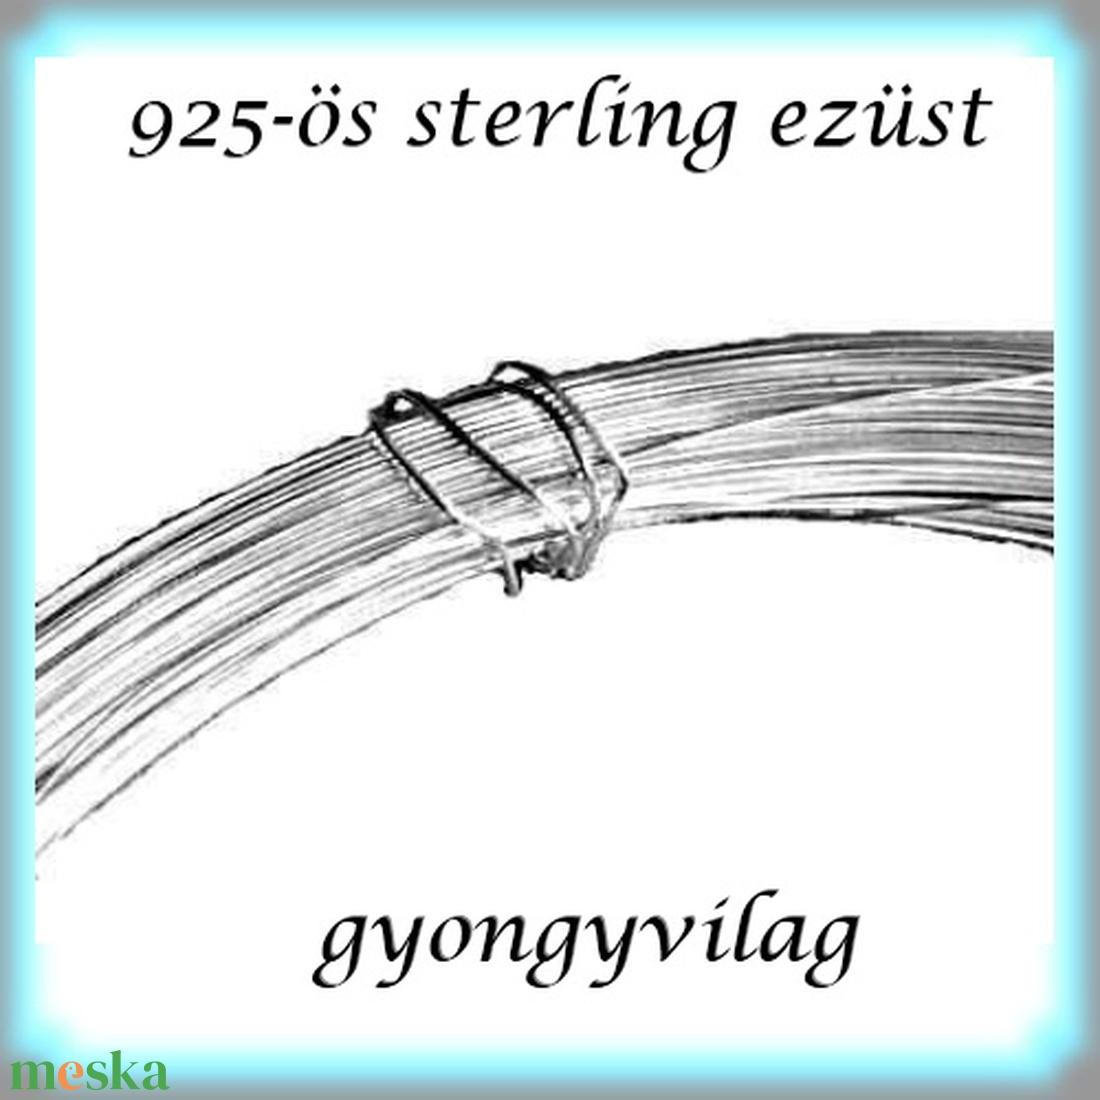 925-ös ezüst huzal EH 0,5mm-es 1cm  - gyöngy, ékszerkellék - egyéb alkatrész - Meska.hu